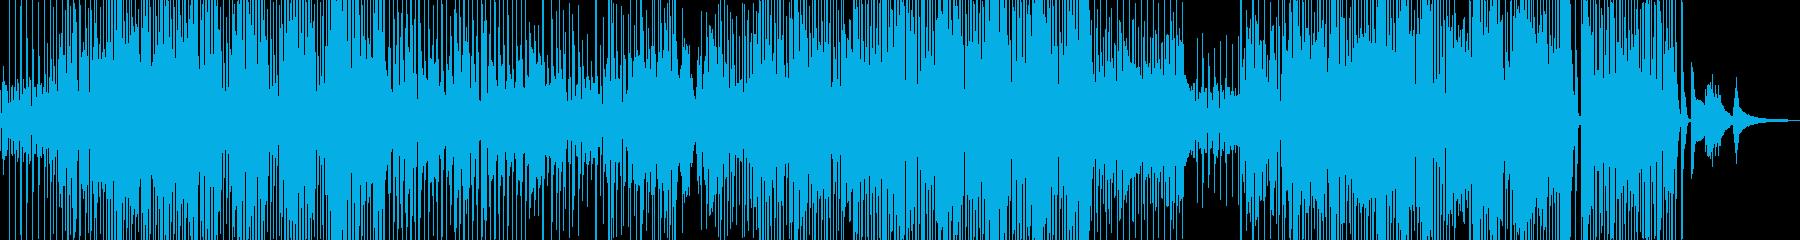 ユーモラスで軽快なジャズ+サックスの再生済みの波形